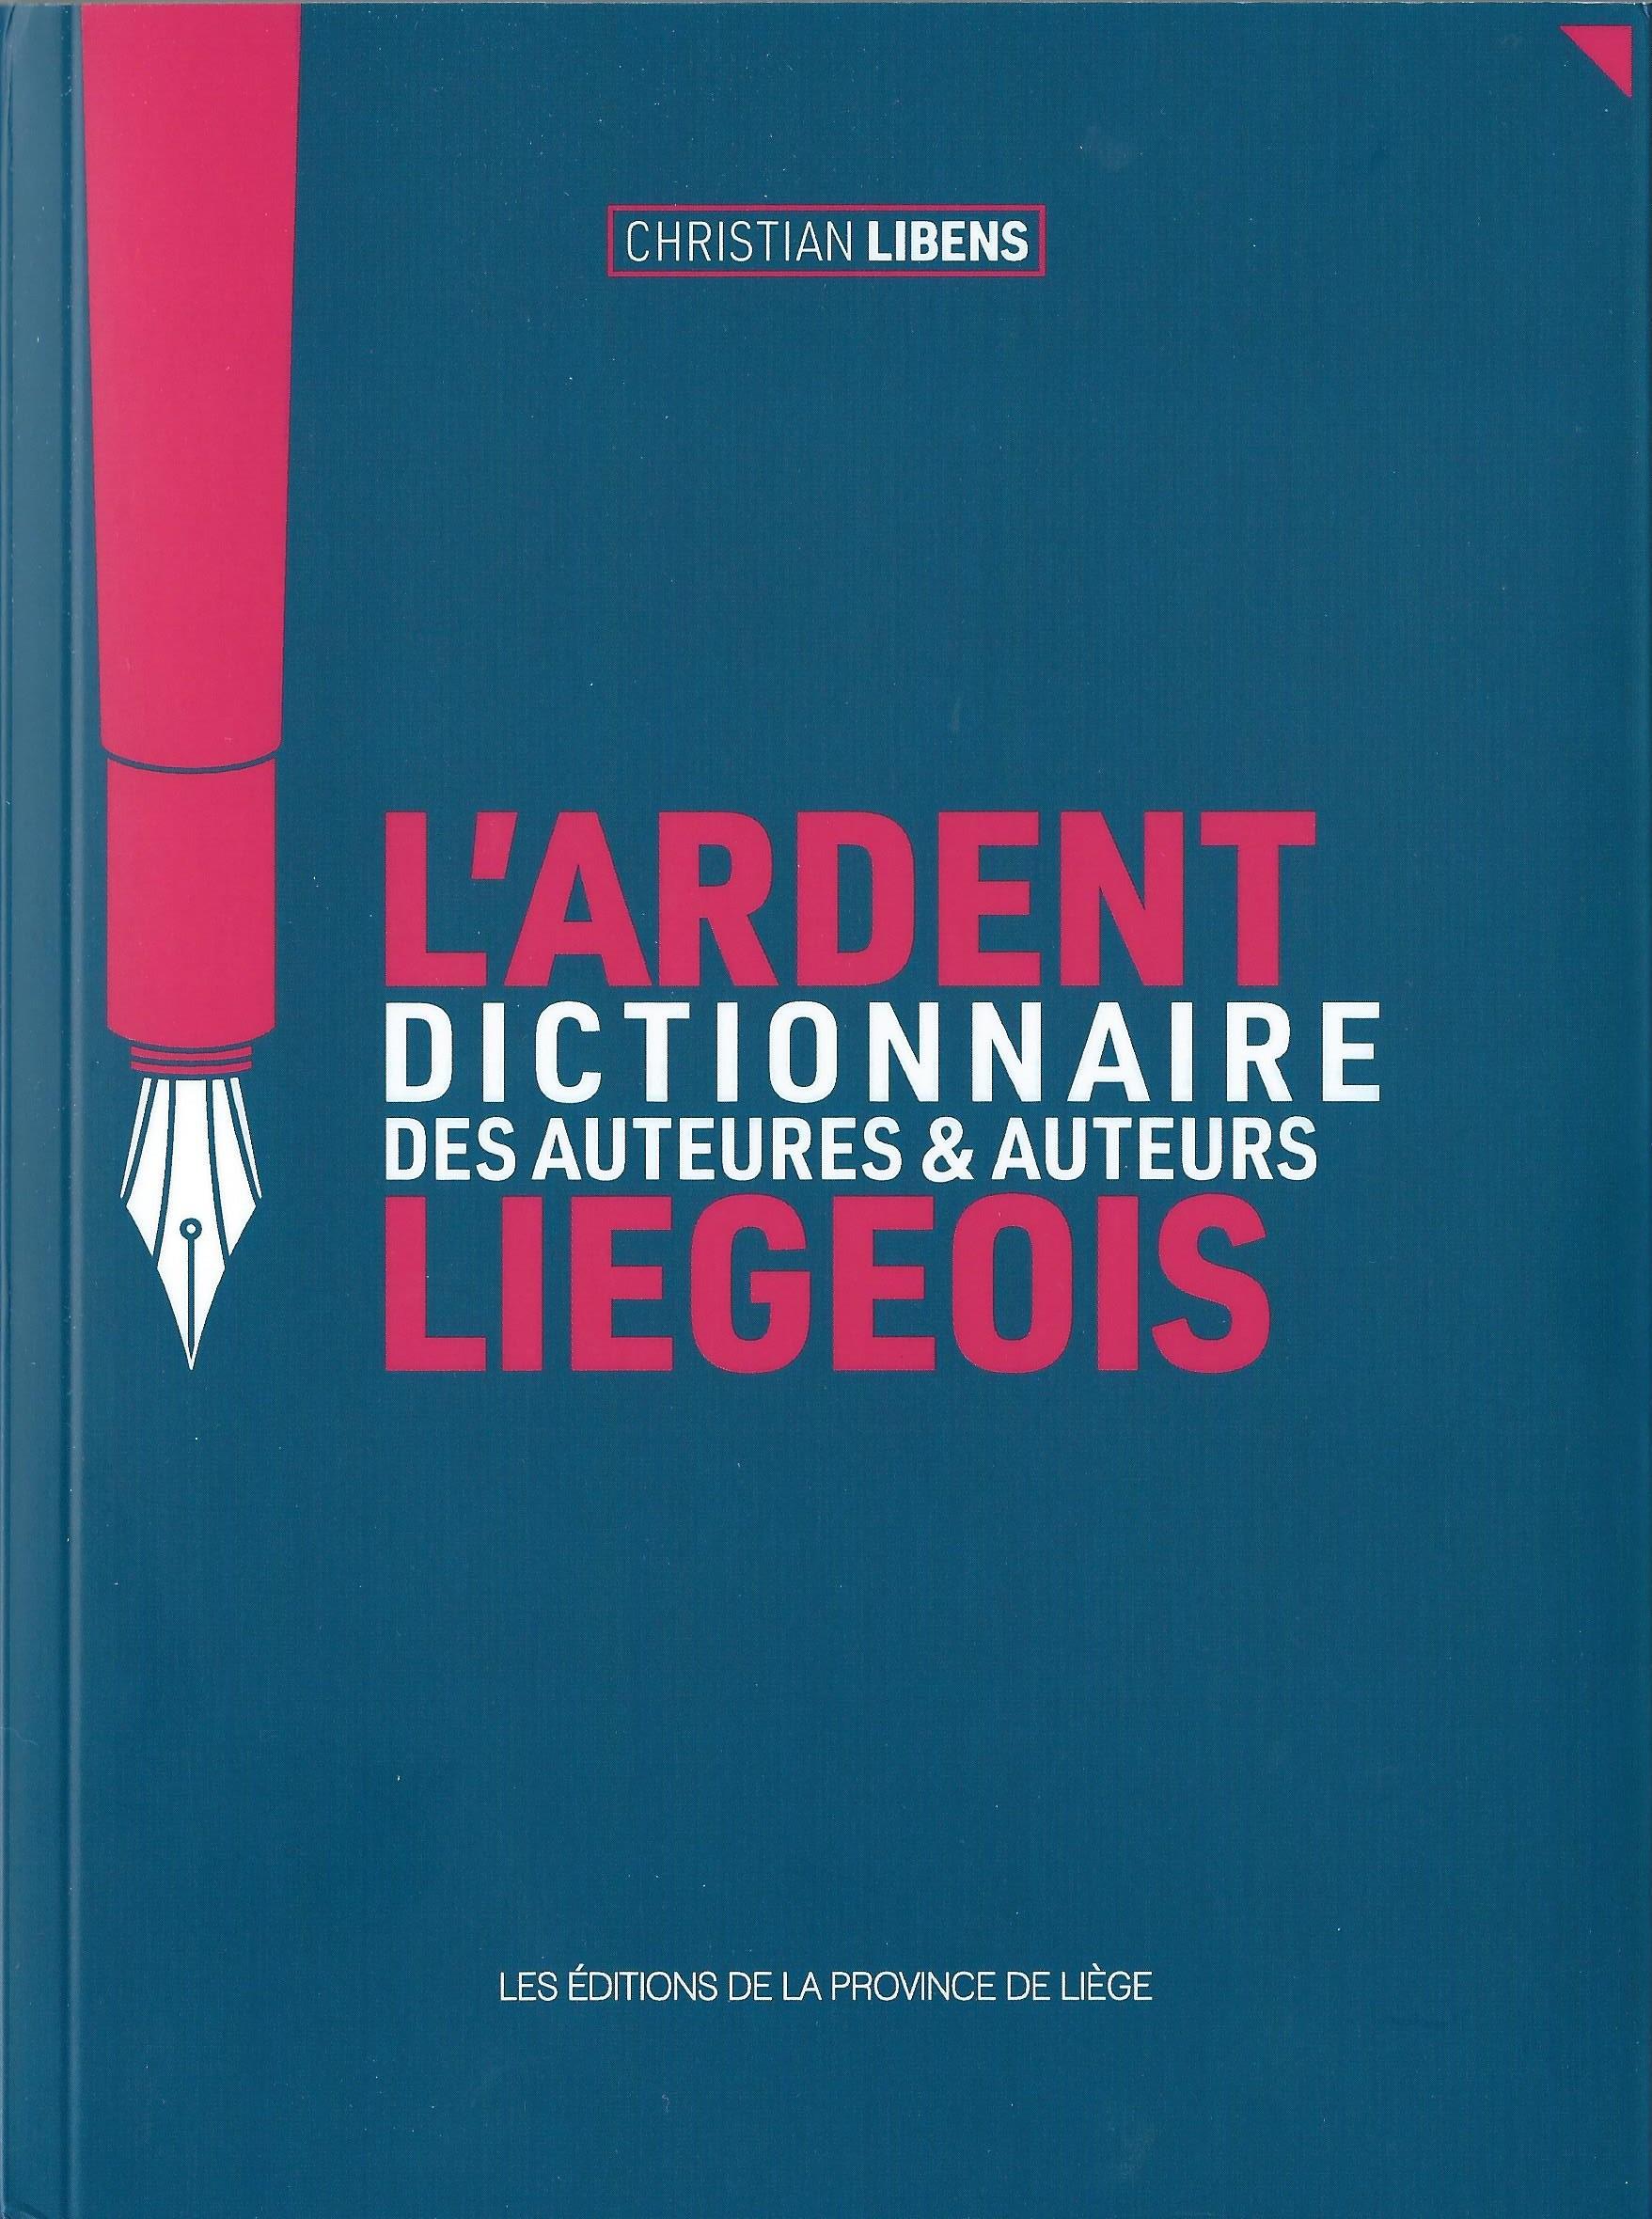 CHRISTIAN LIBENS - L'ardent dictionnaire des auteures et auteurs liégeois